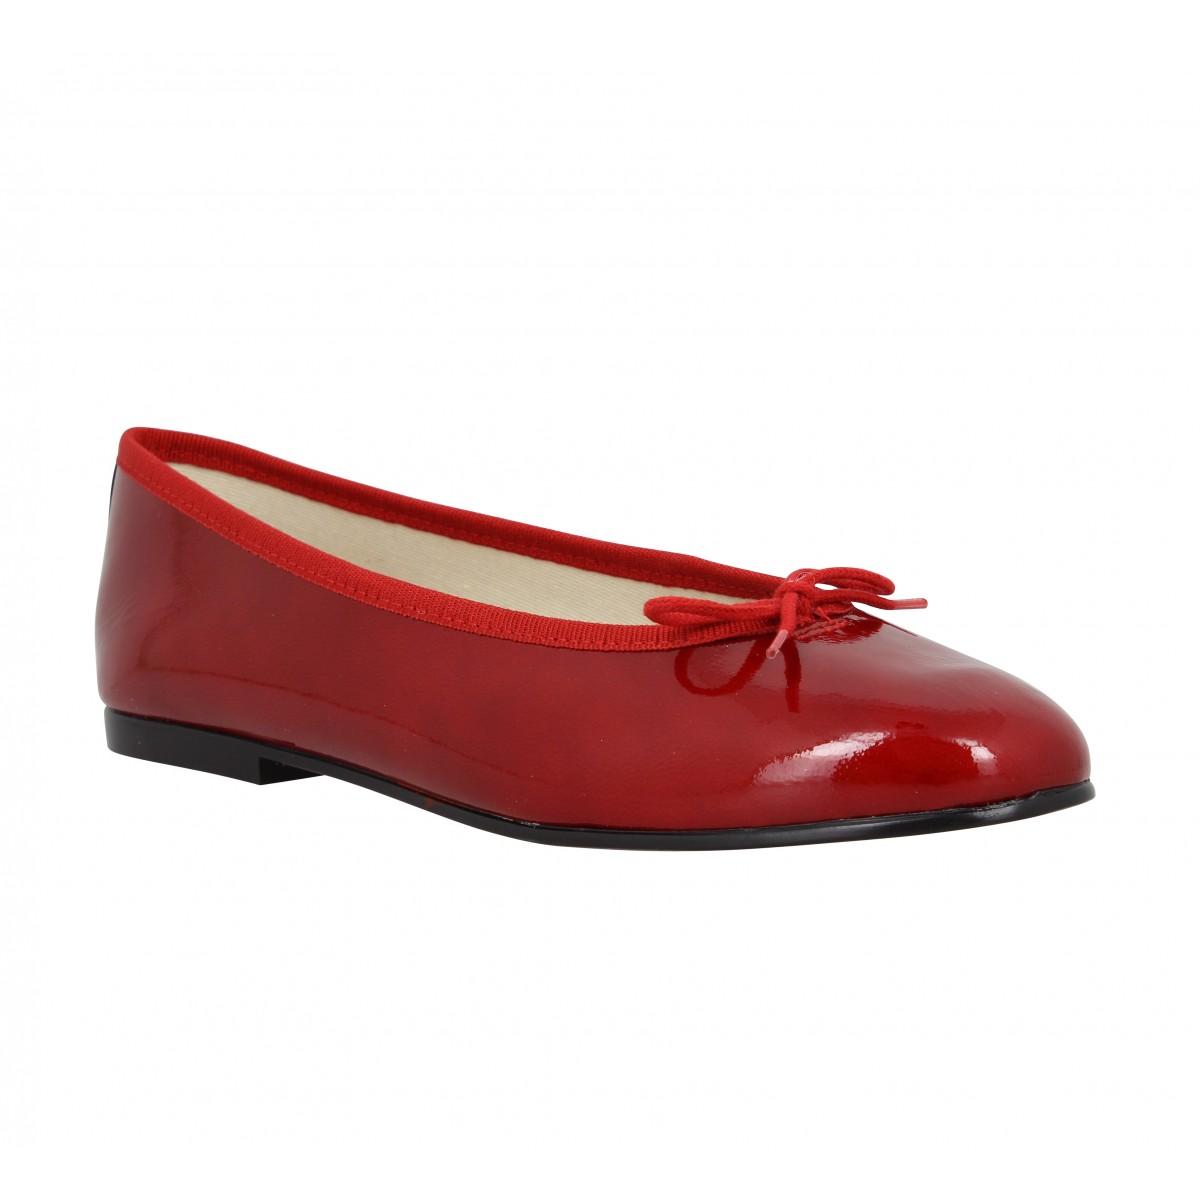 Hirica chaussures pour femme - Vente en ligne 8a318b19959